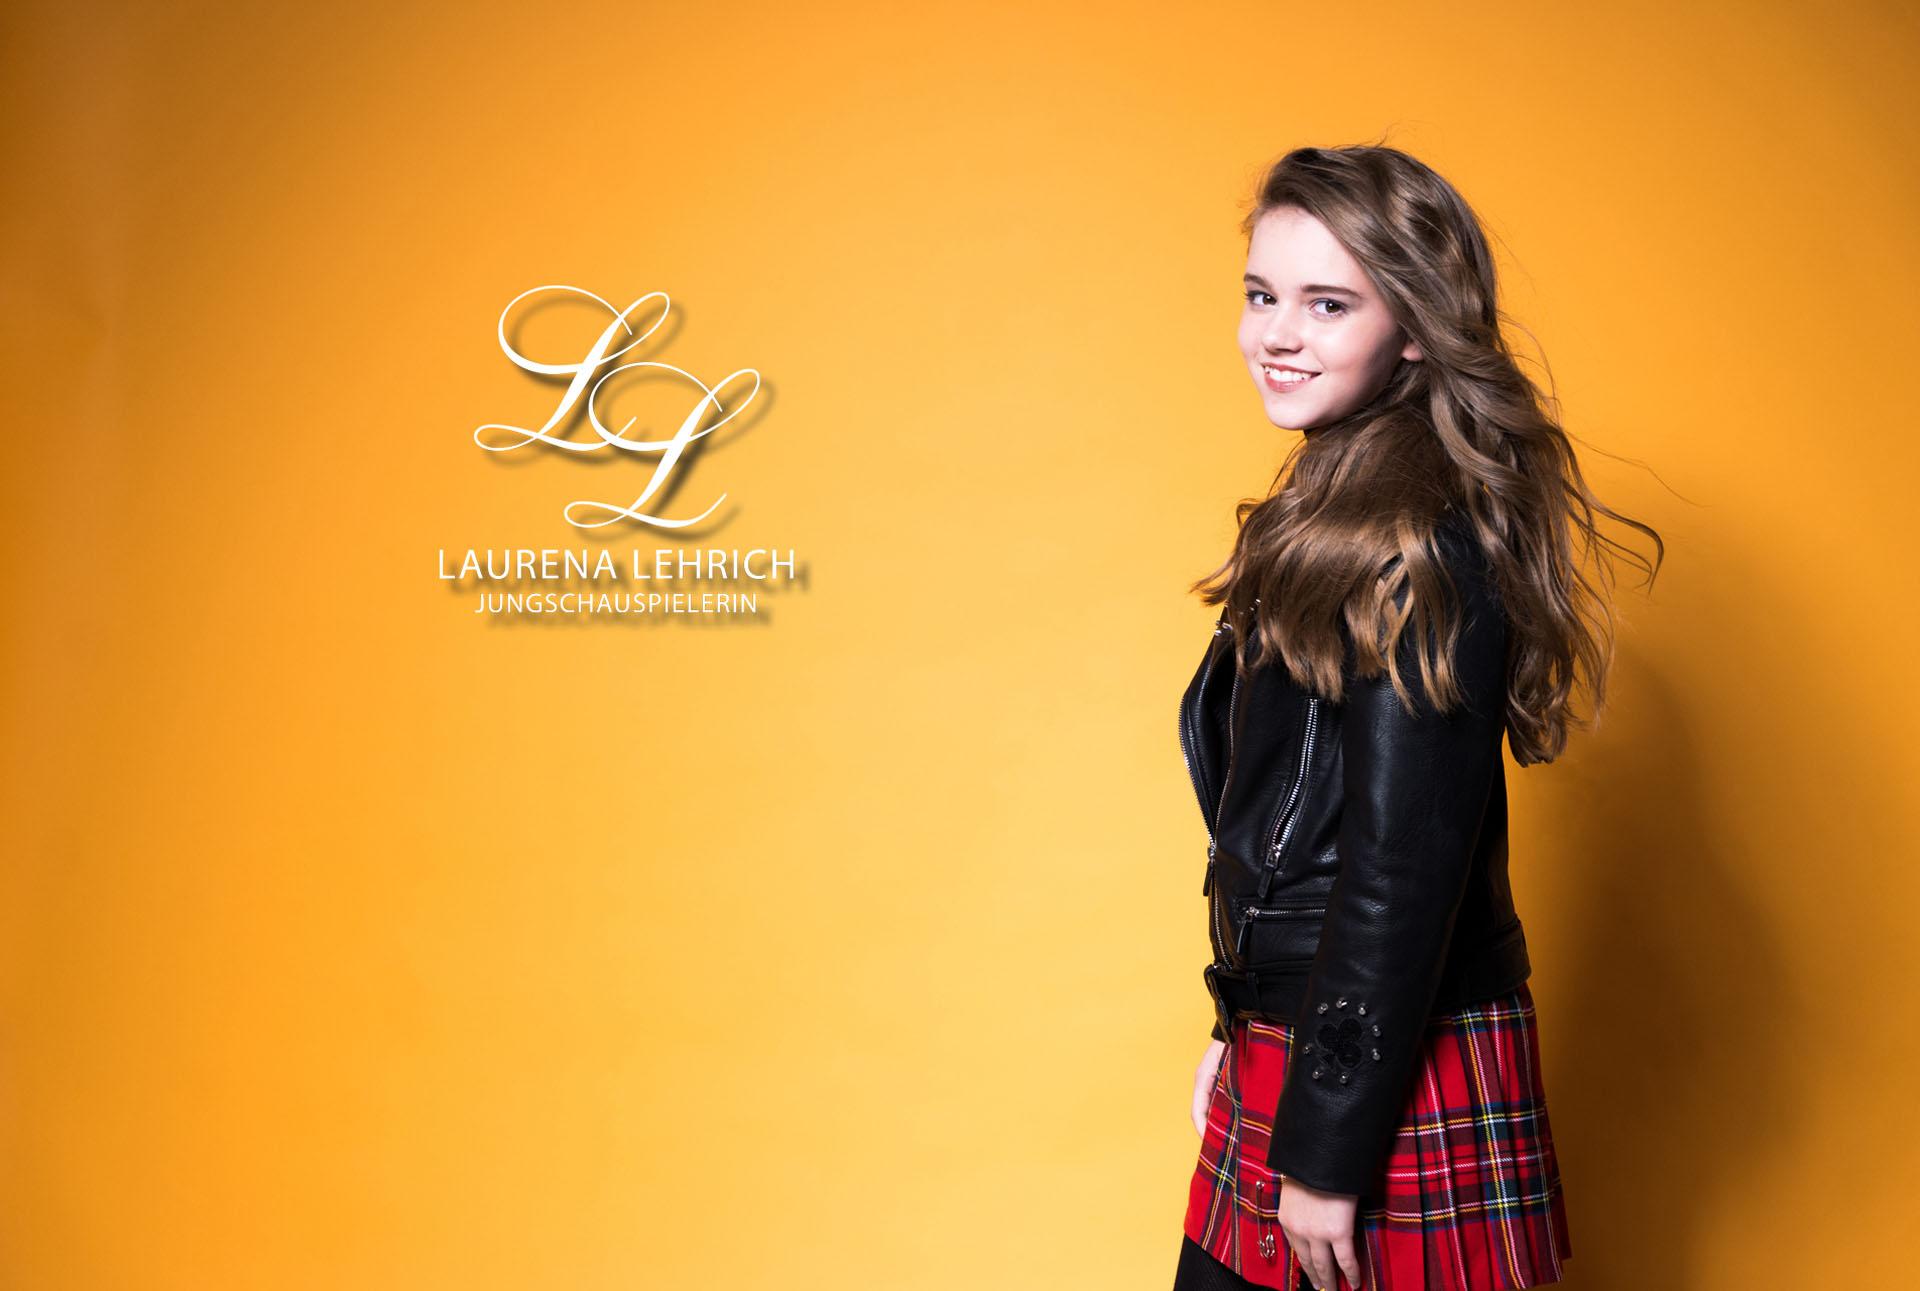 Laurena Marisol Lehrich